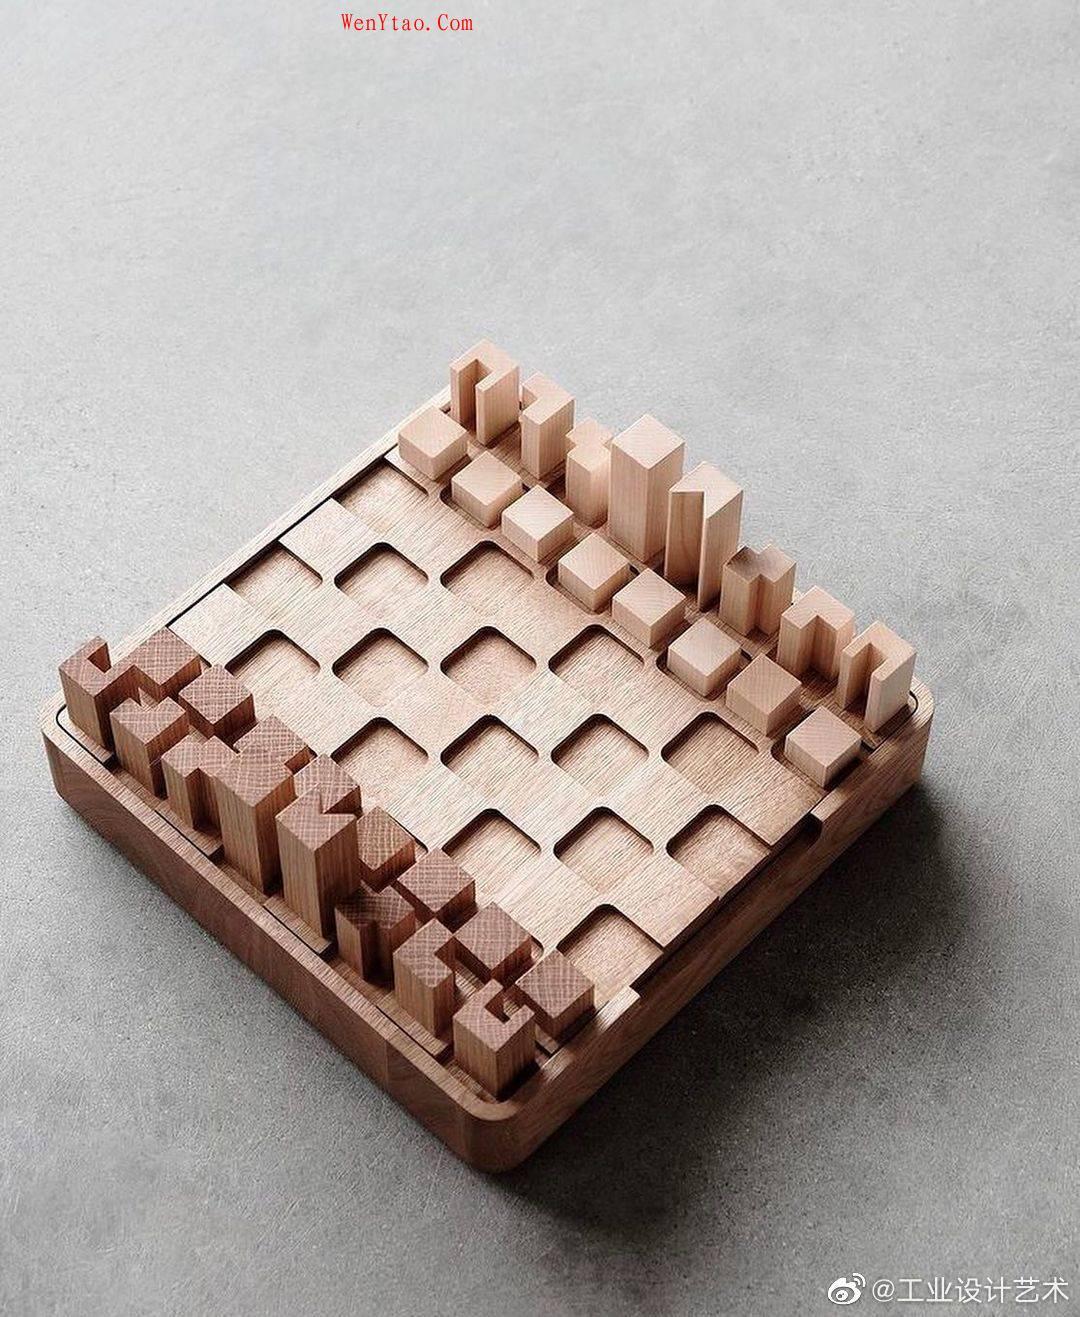 棋 来源于 微博工业设计艺术 第4张